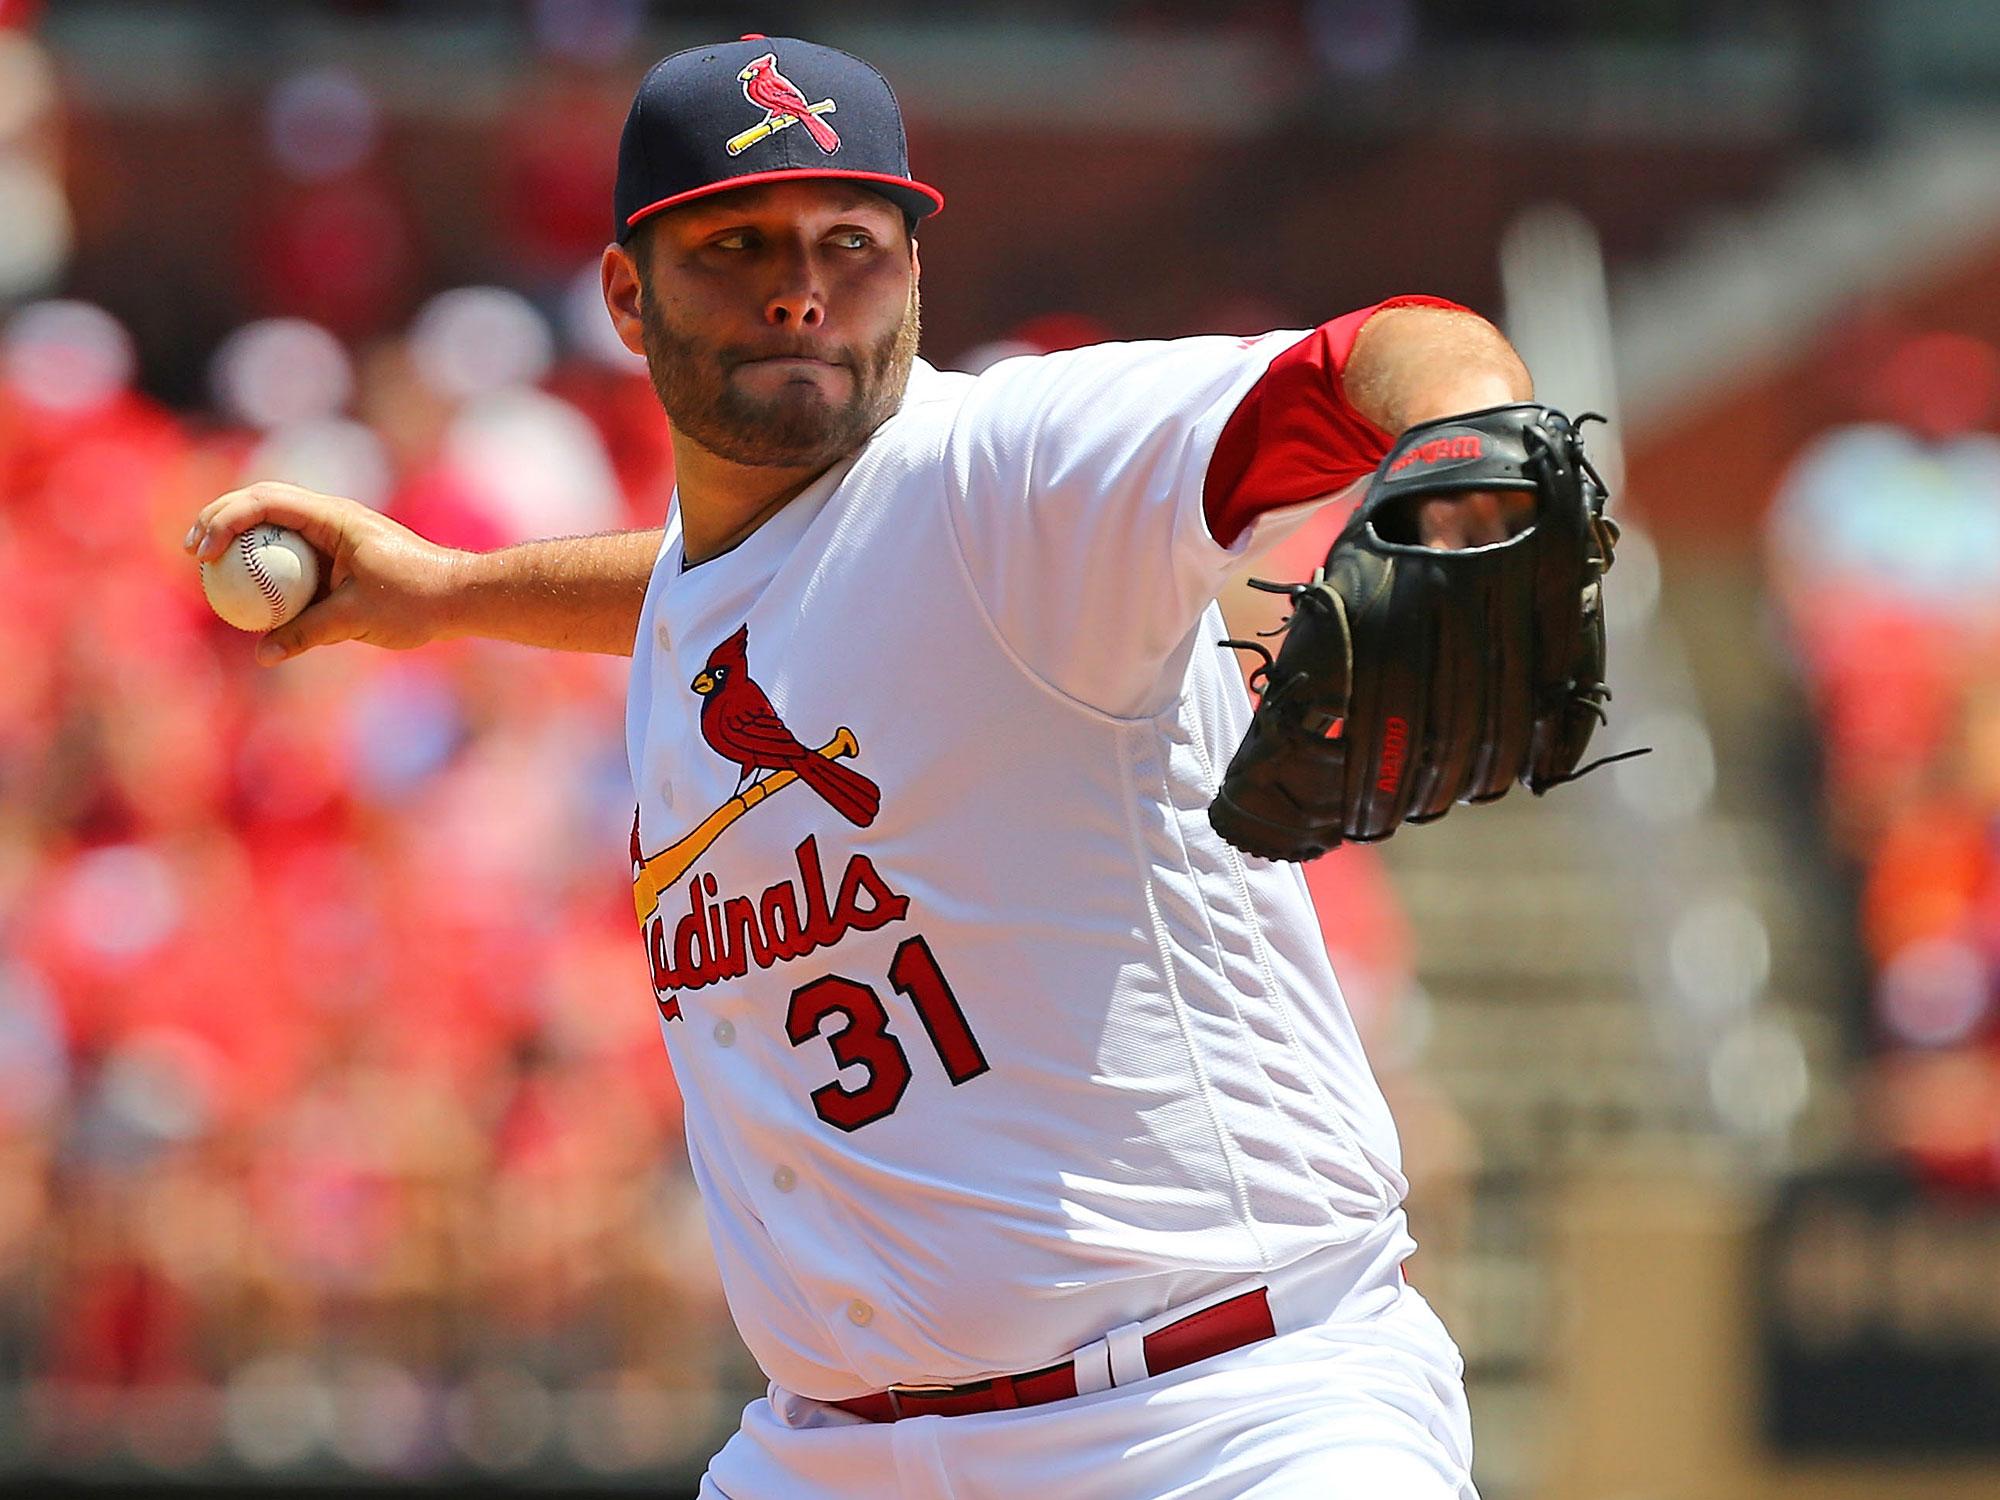 Lance Lynn, St. Louis Cardinals